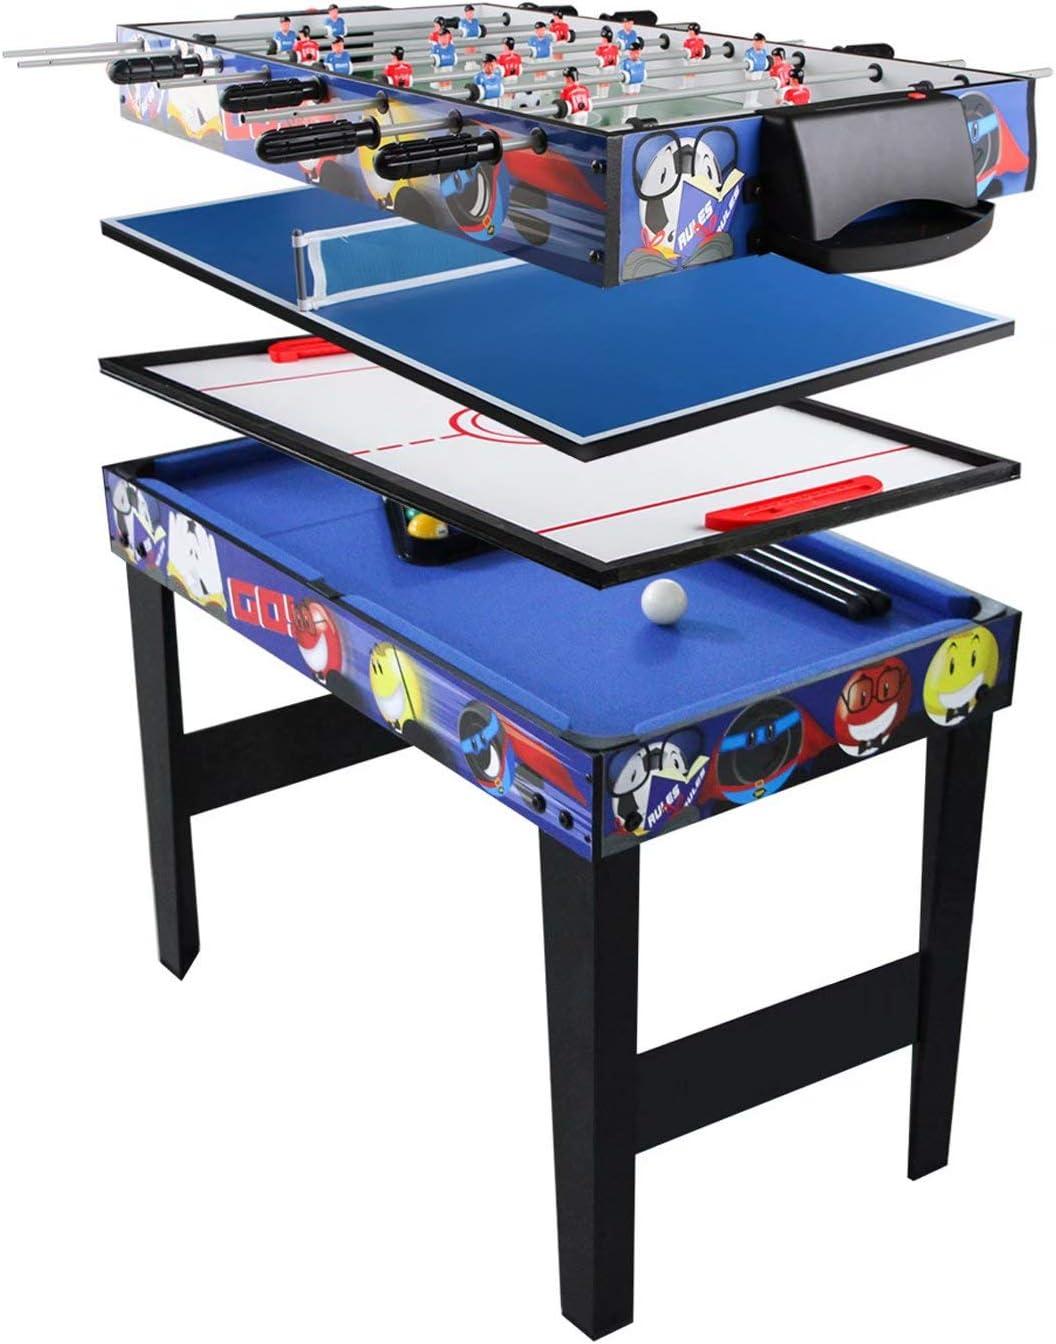 YIHGJJYP Futbolin Multifunción 4 pies en 1 Juego Infantil Mesa de Billar Hockey Ping Pong máquina fútbol: Amazon.es: Hogar